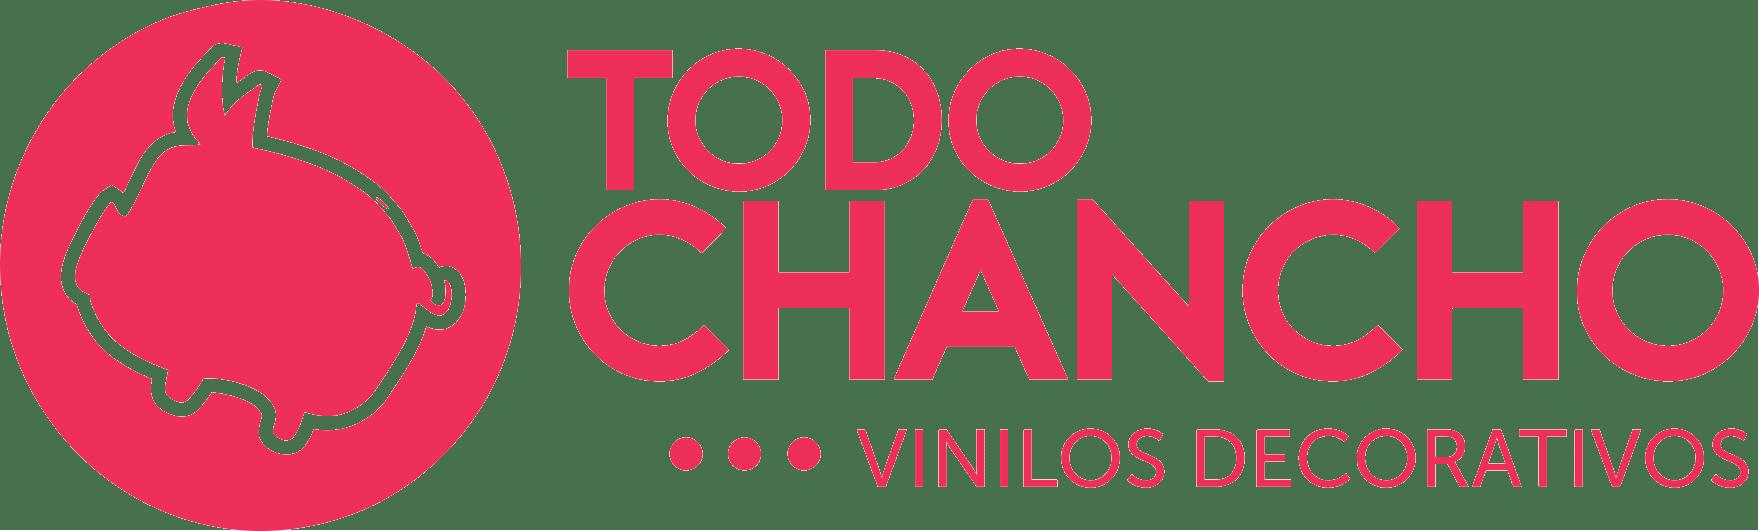 Todo Chancho Vinilos Decorativos